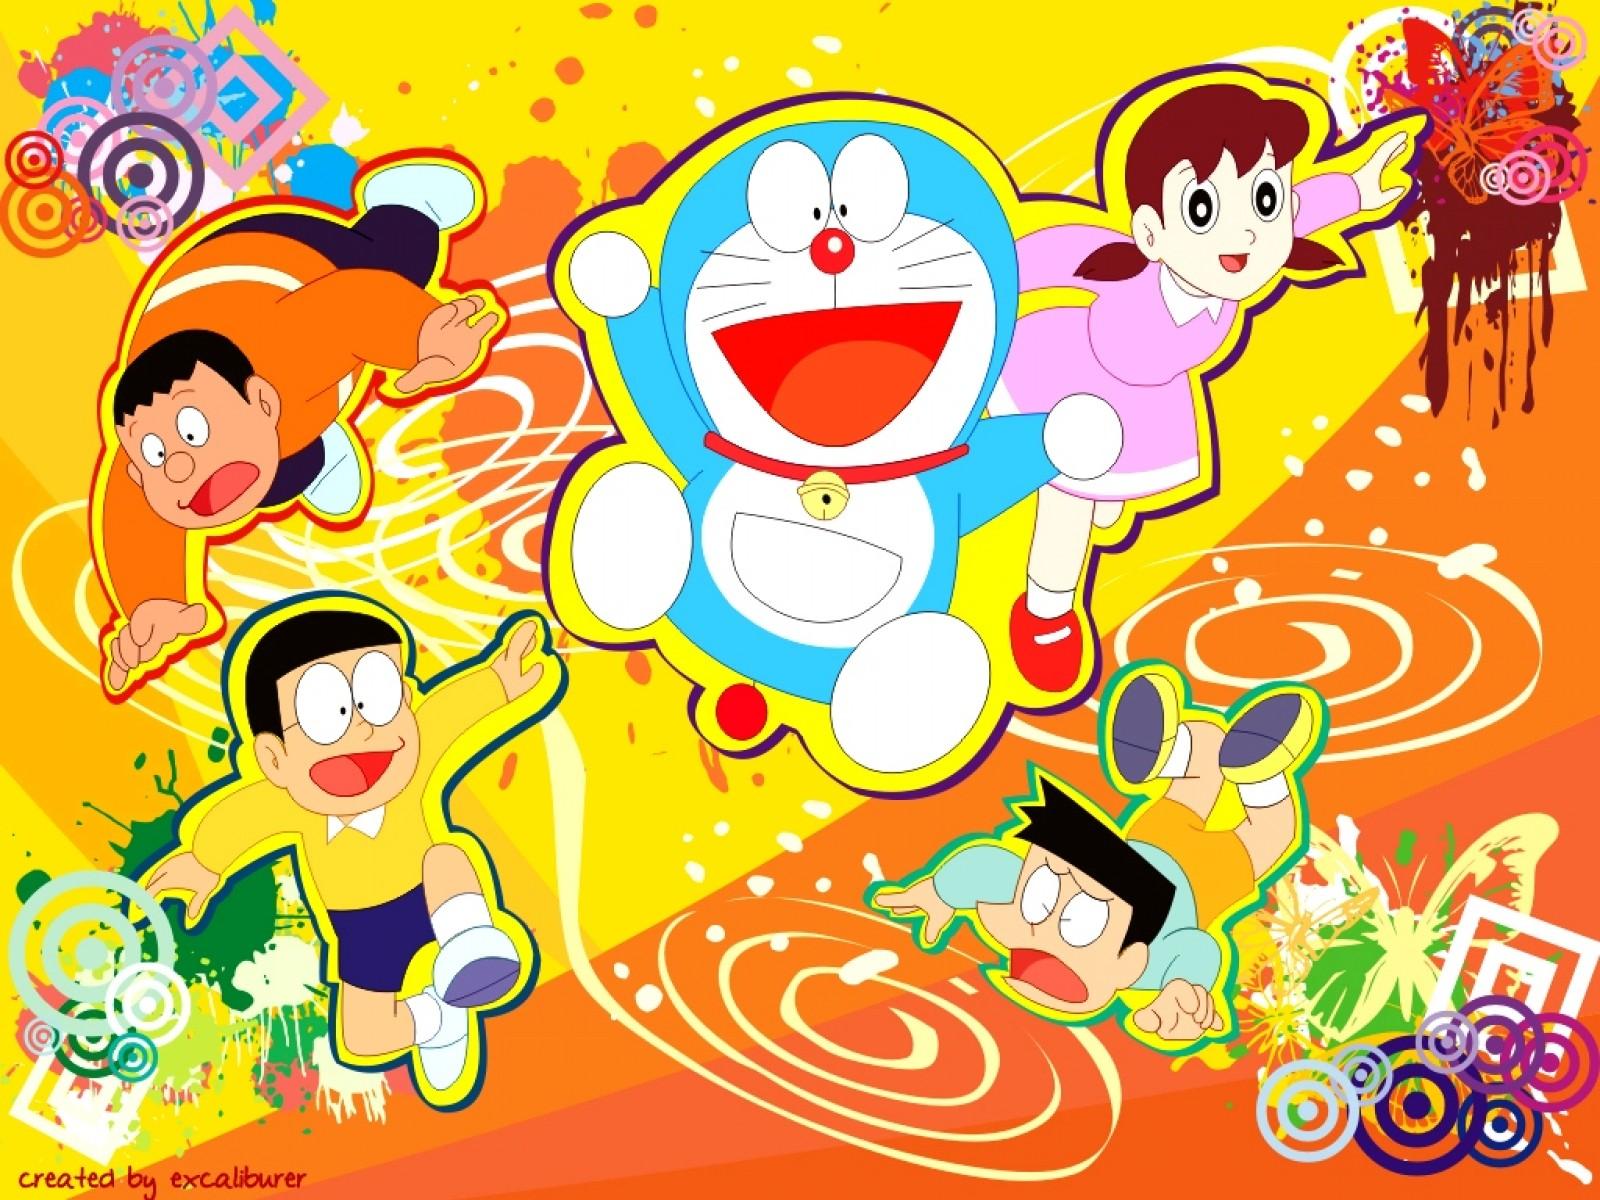 Wallpaper Atau DP BBM Doraemon HD Keren Khusus Android 2015